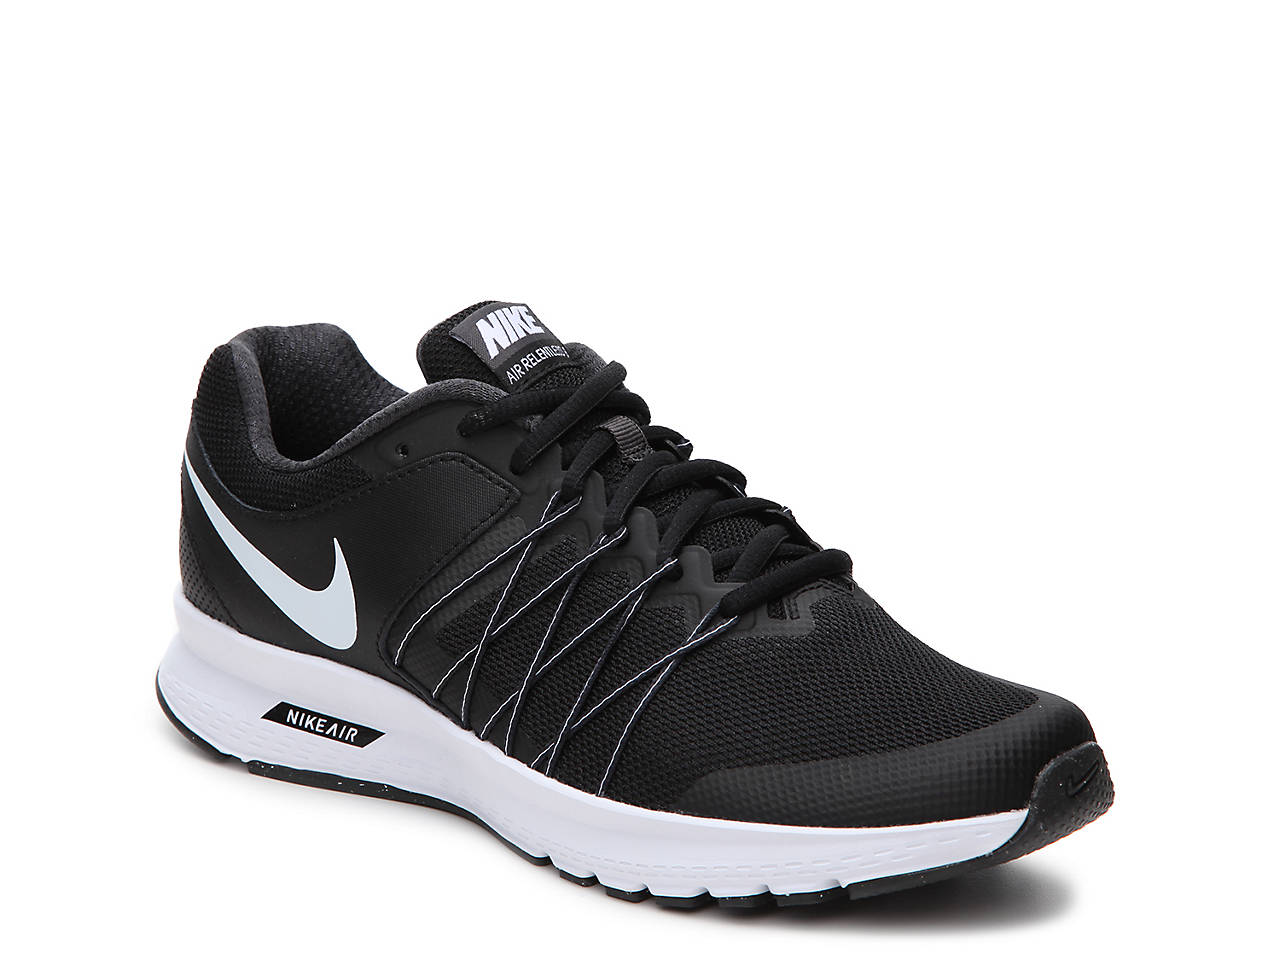 Nike air max torch 4 running shoe - Air Relentless 6 Lightweight Running Shoe Womens Nike